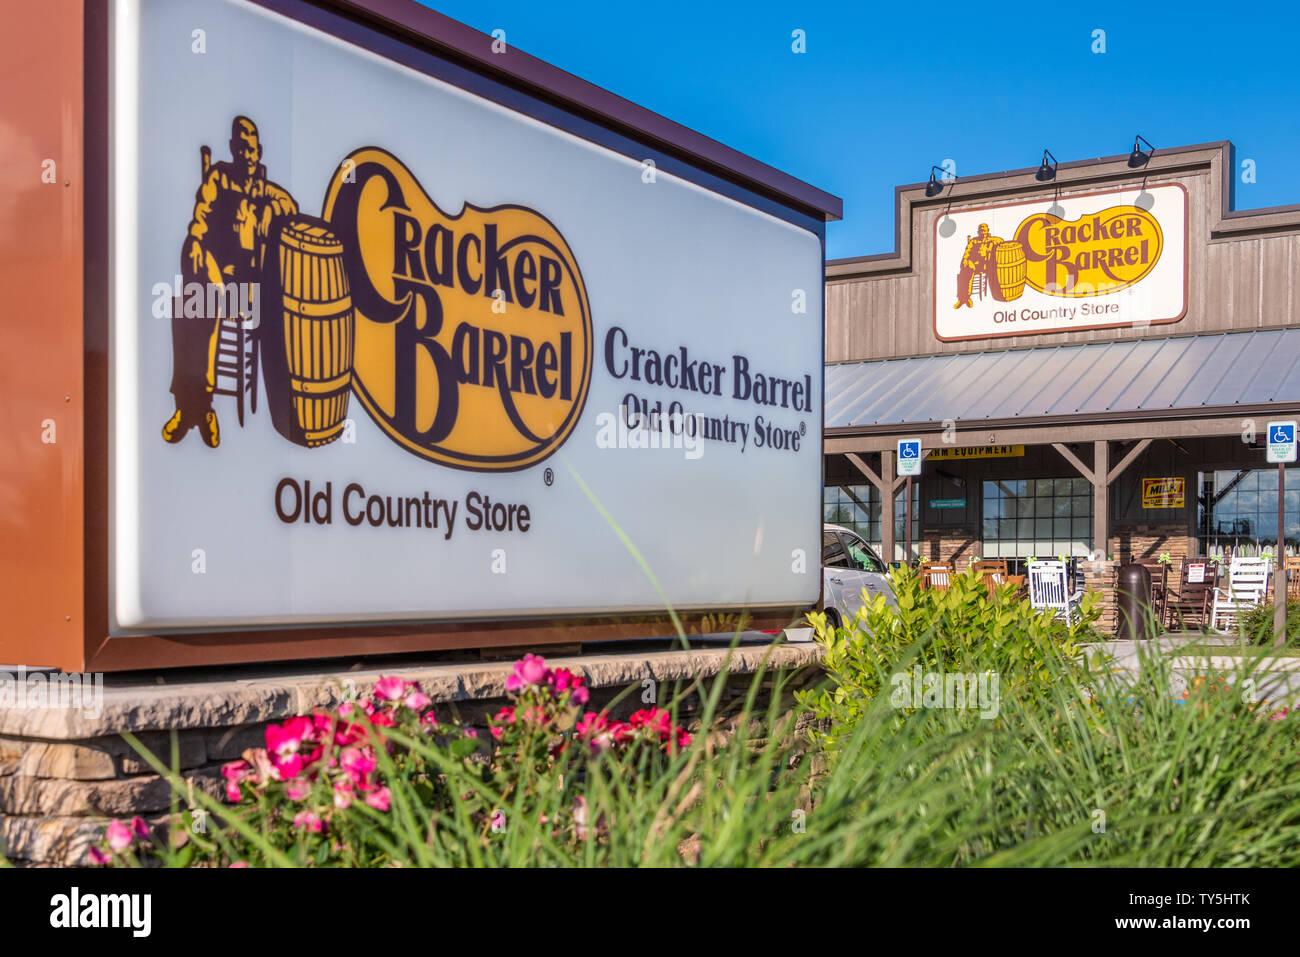 Cracker Barrel Country Store Stock Photos & Cracker Barrel Country